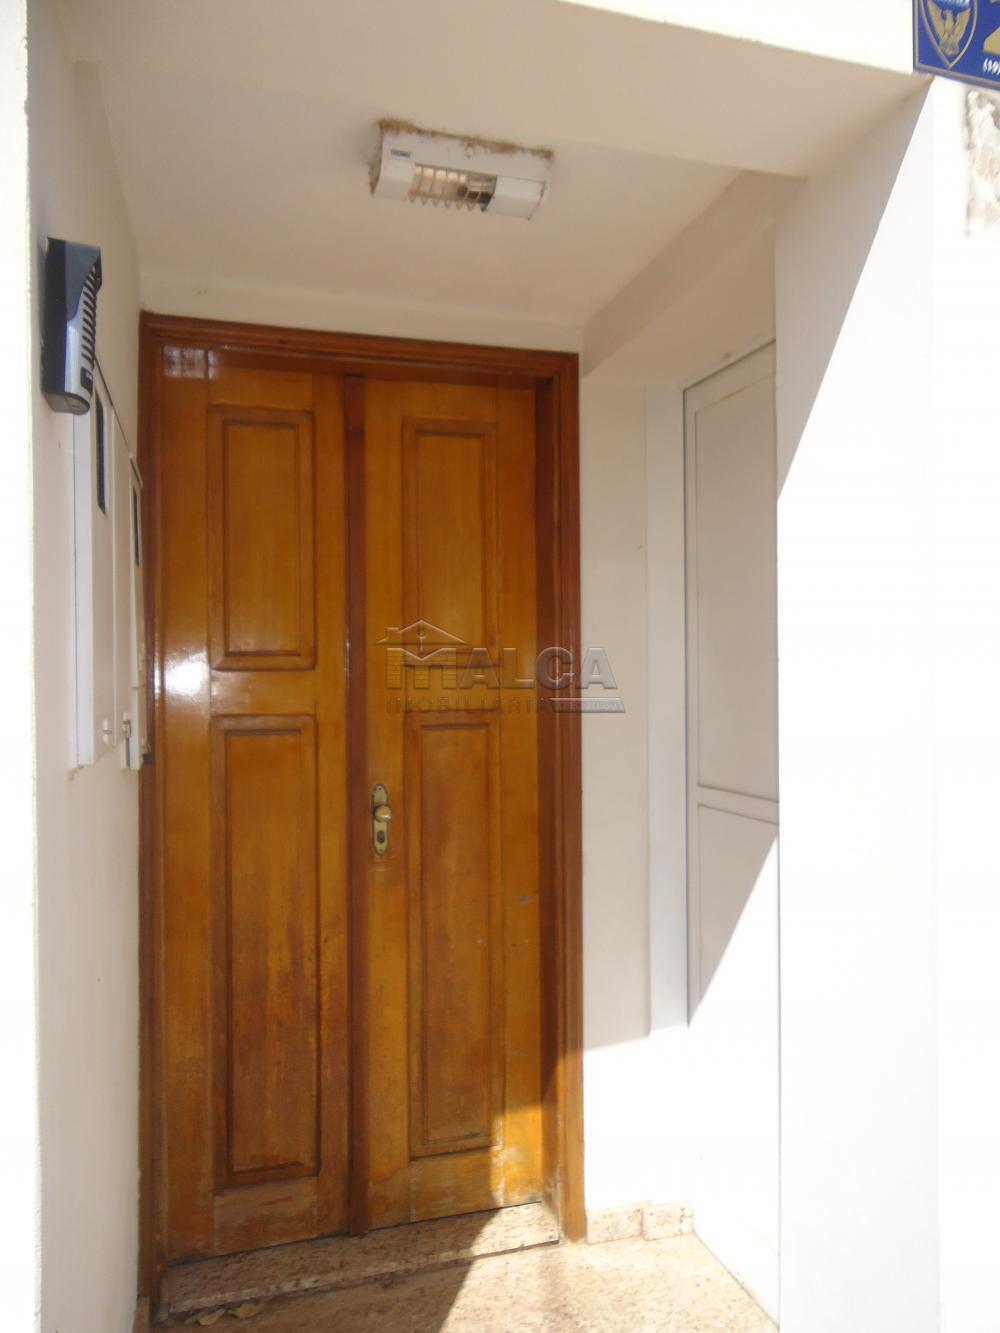 Alugar Apartamentos / Padrão em São José do Rio Pardo R$ 950,00 - Foto 2